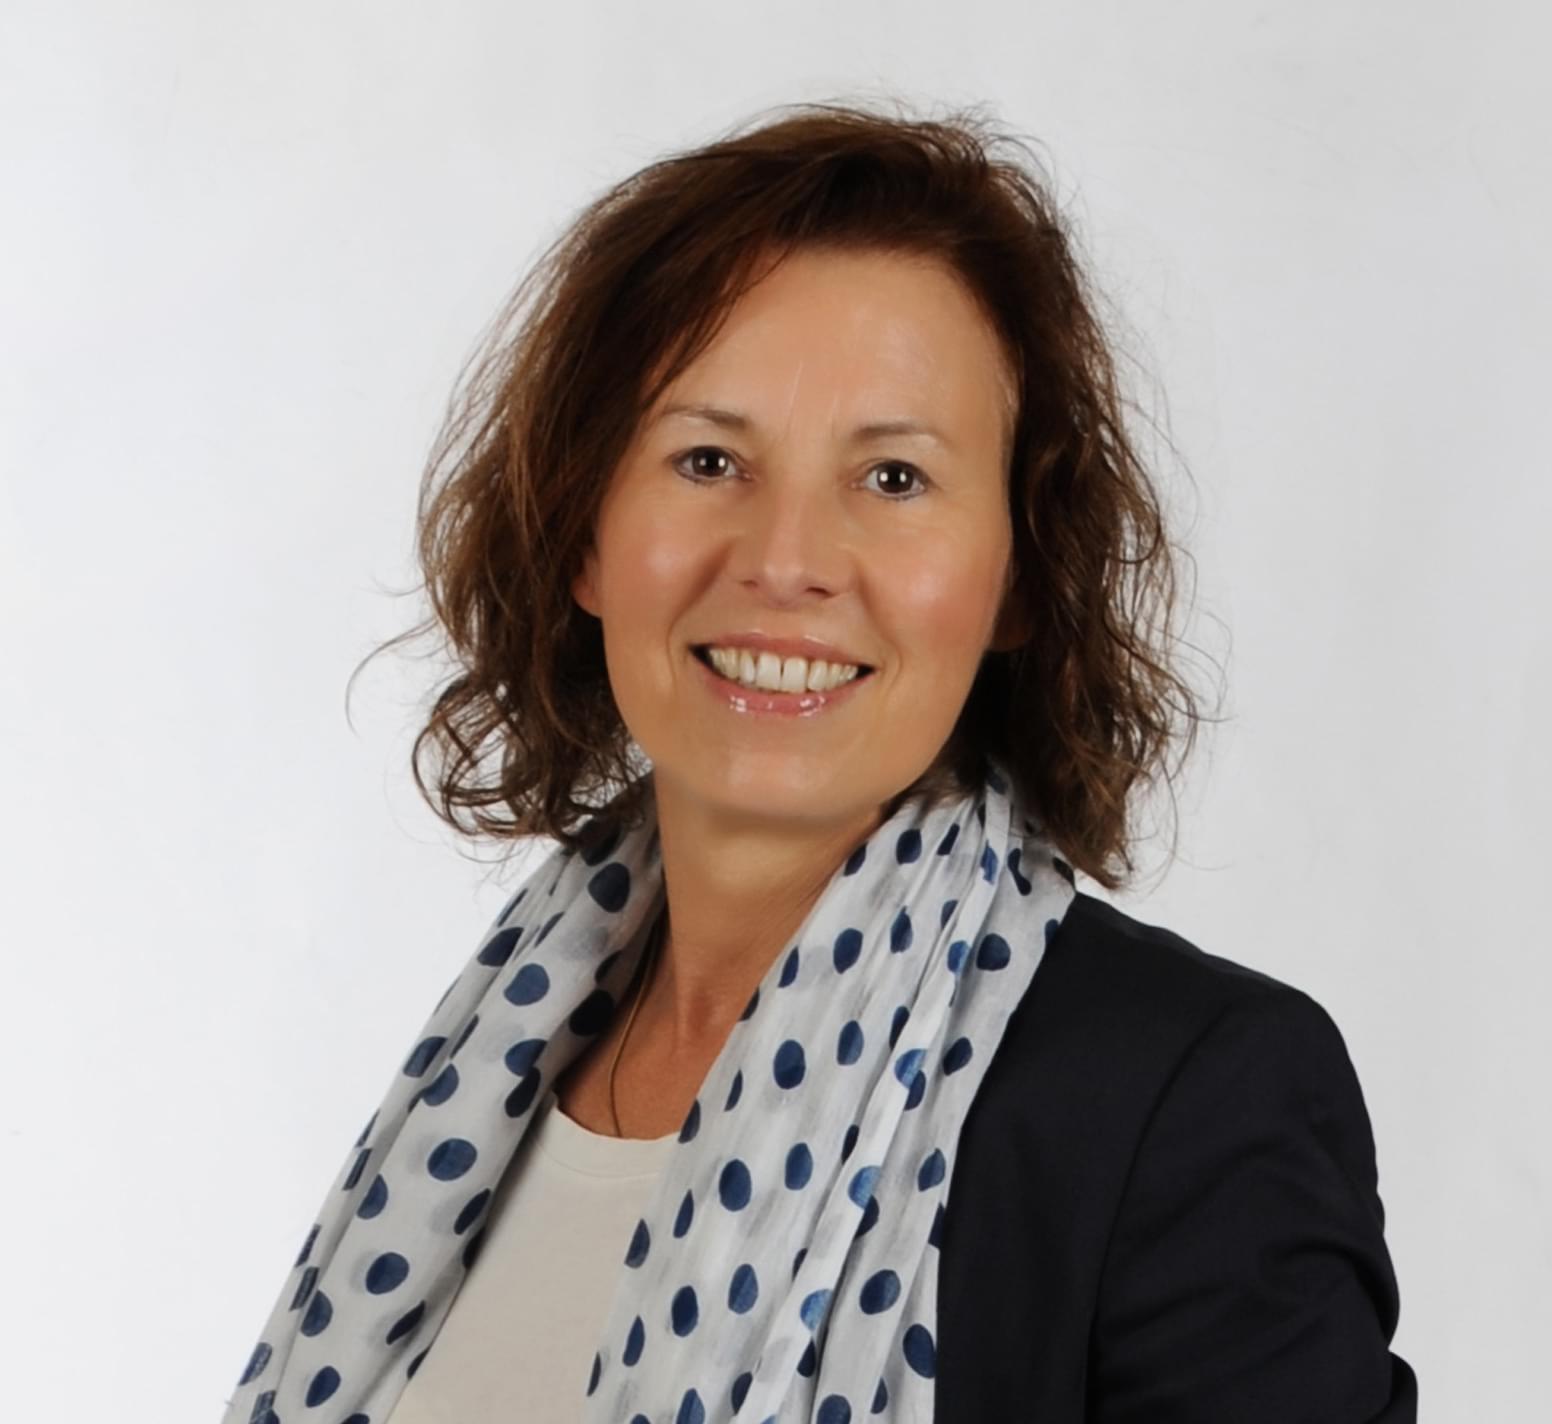 Sabrina Würz